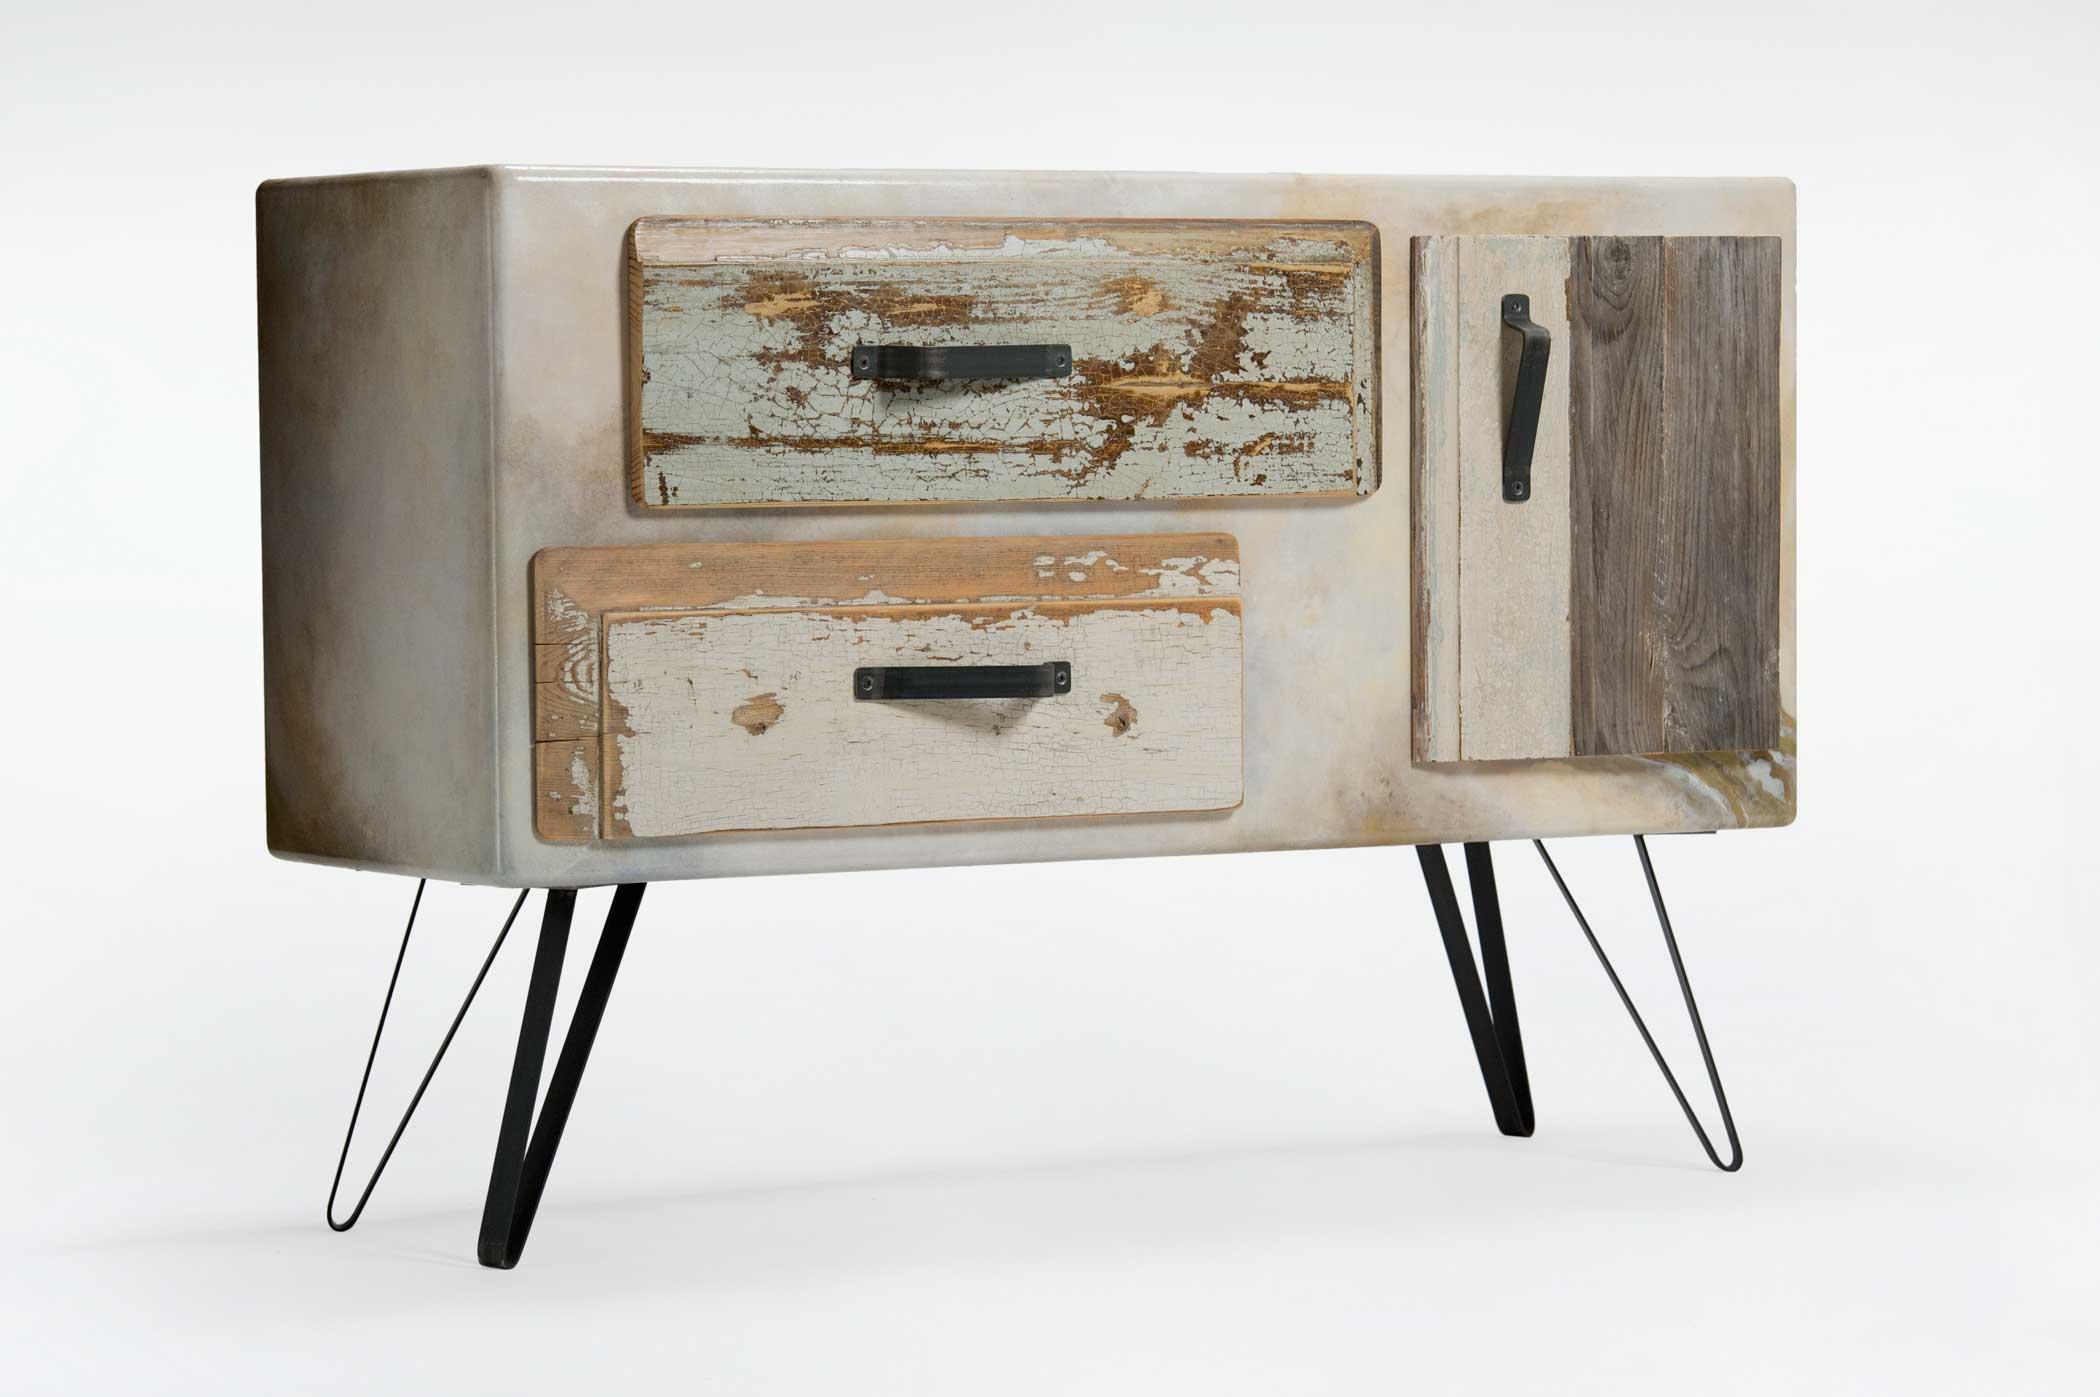 Credenzina con due cassetti e un'anta in legno di recupero. Modello fatto a mano da Laquercia21